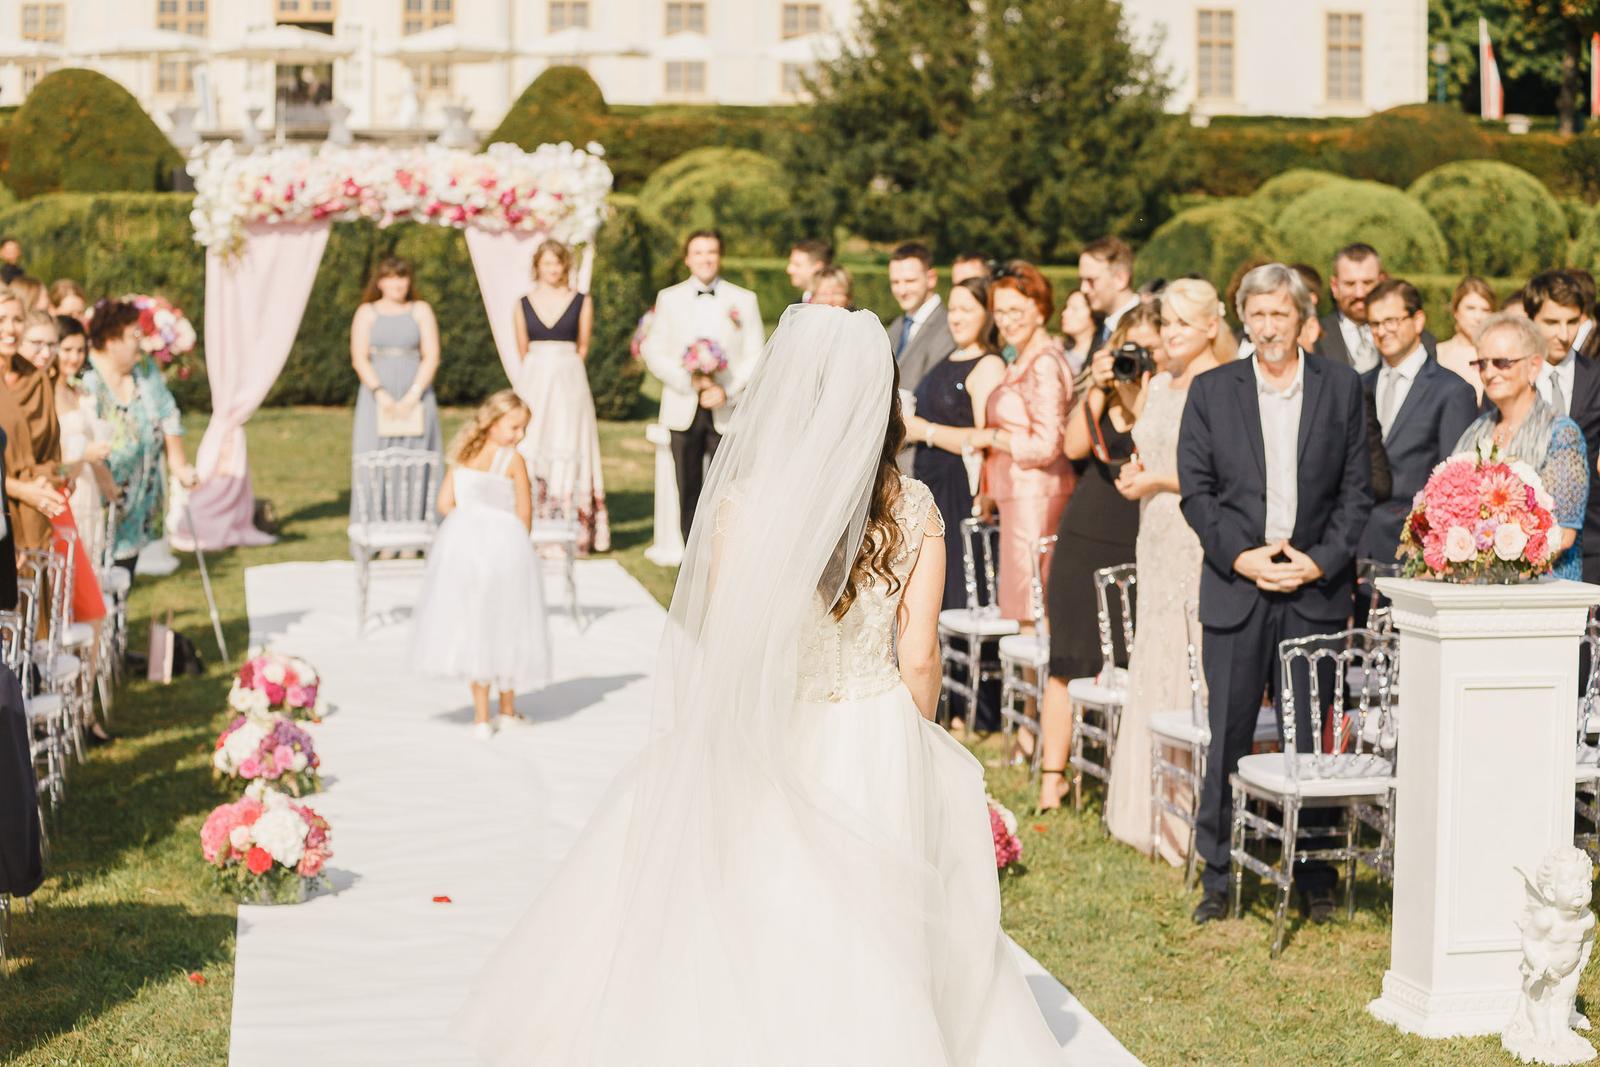 Ekaterina & Thomas - Wedding in Austria ❤️ - Obrázok č. 41